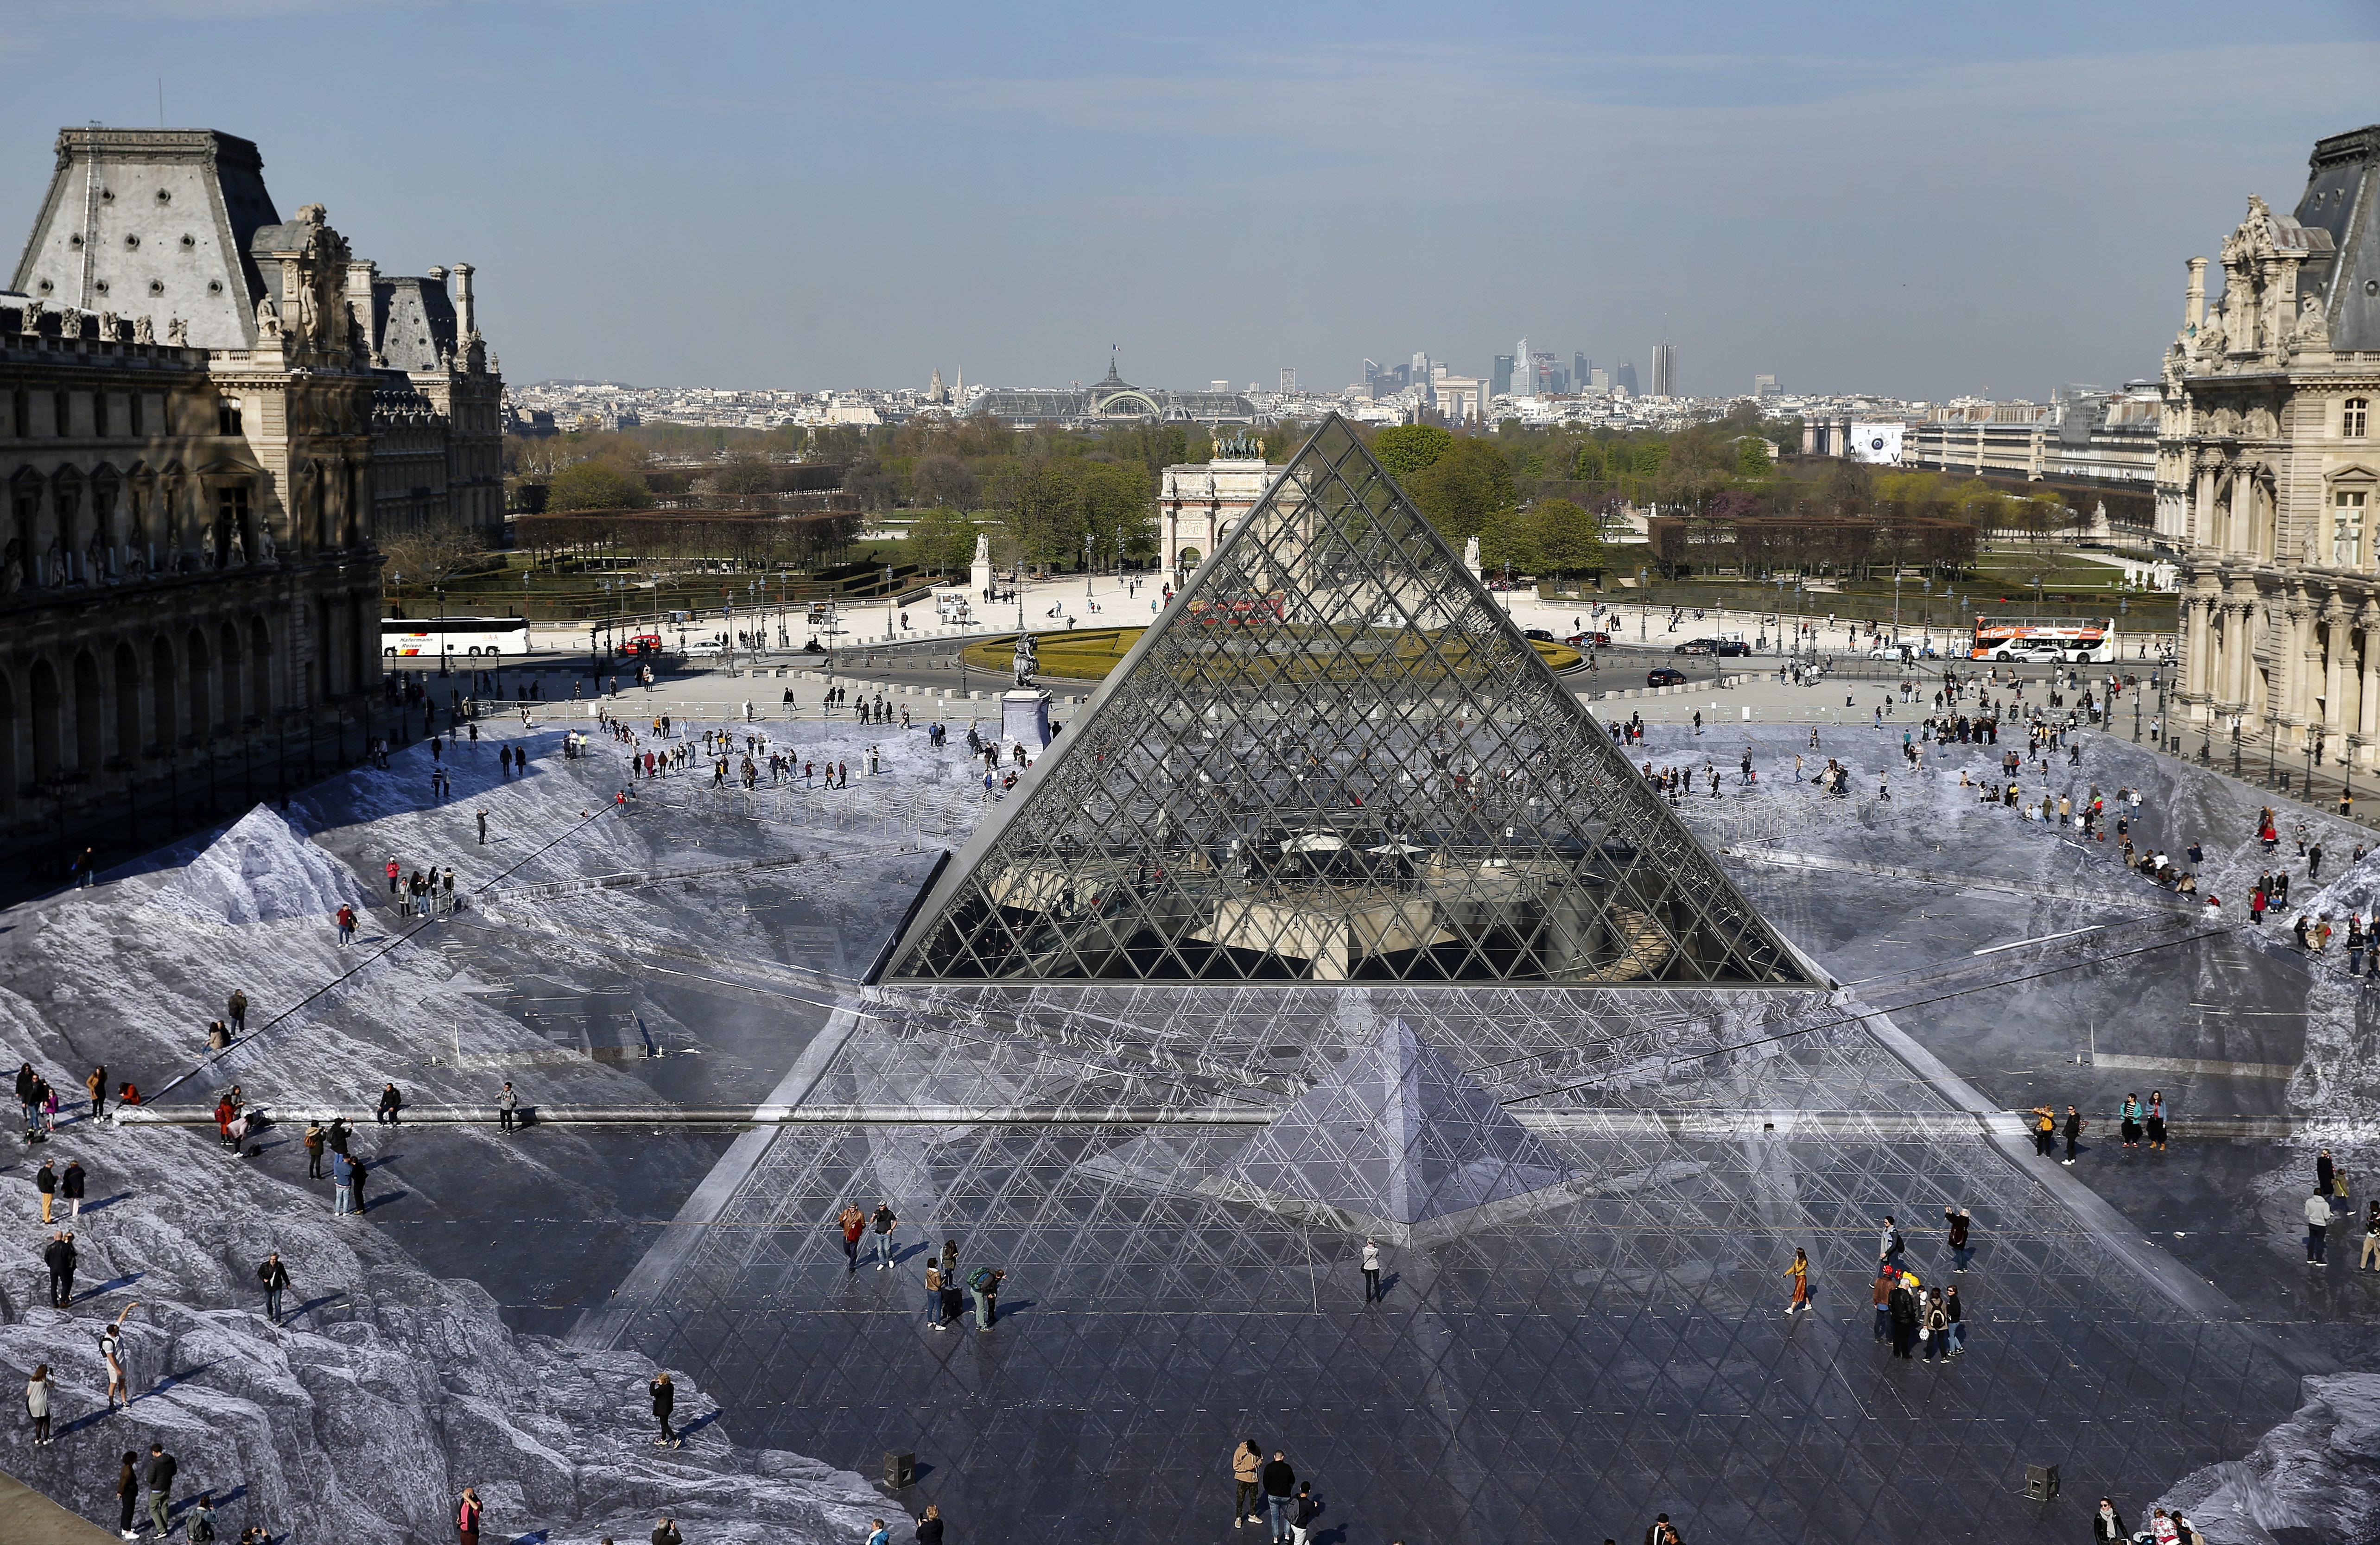 L'œuvre de JR devait durer jusqu'à la fin du week-end anniversaire de la pyramide du